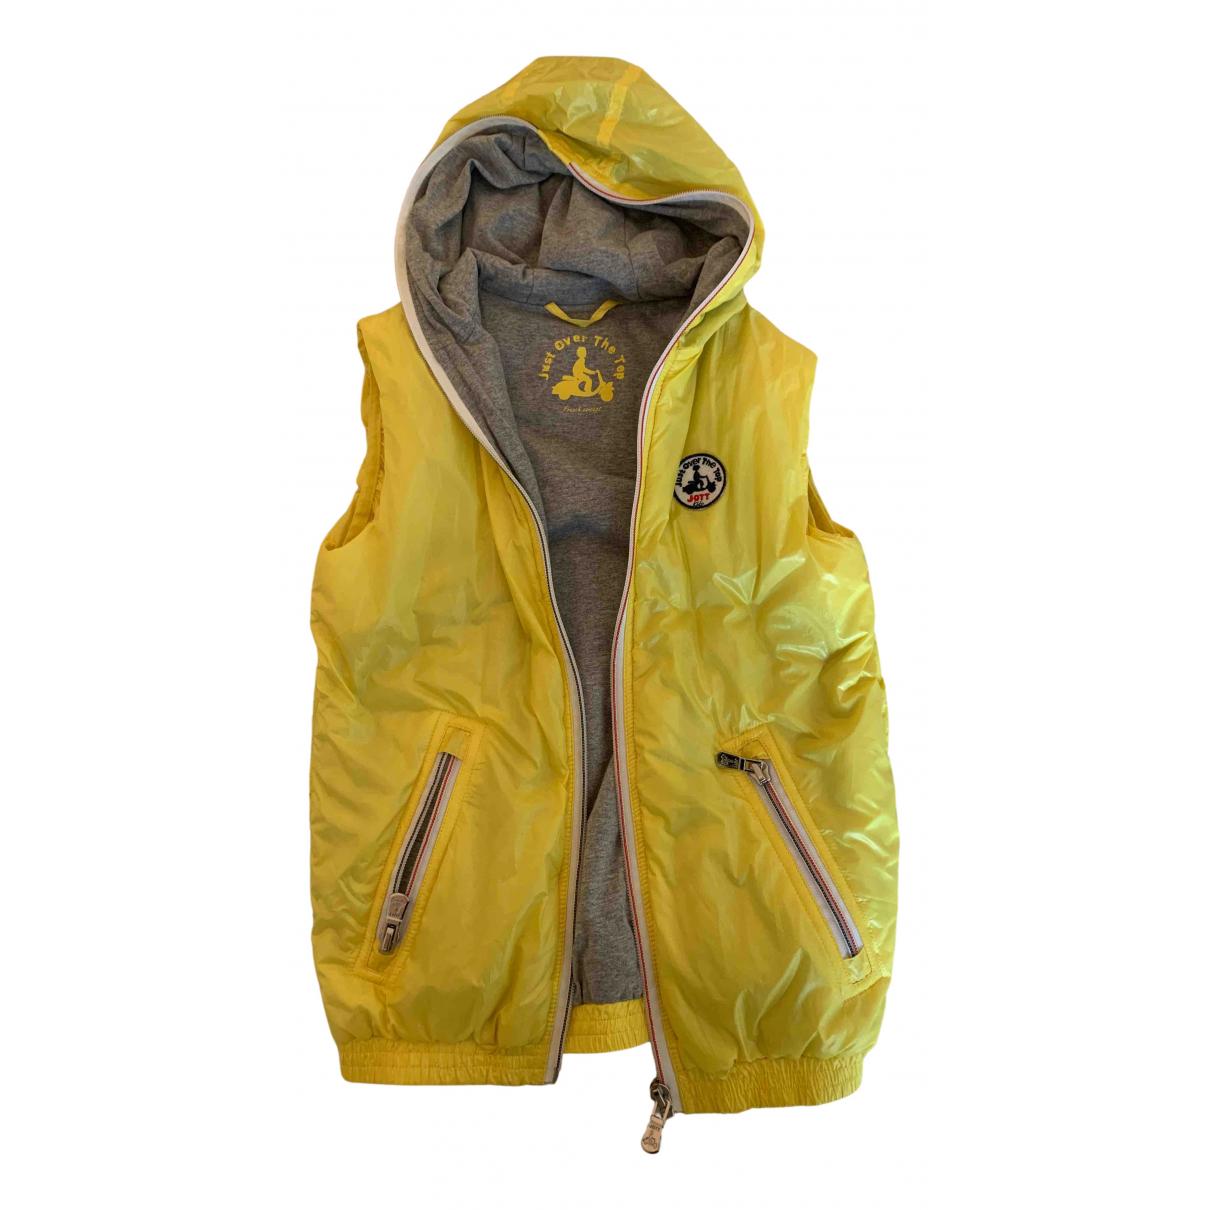 Jott \N Jacke, Maentel in  Gelb Polyester